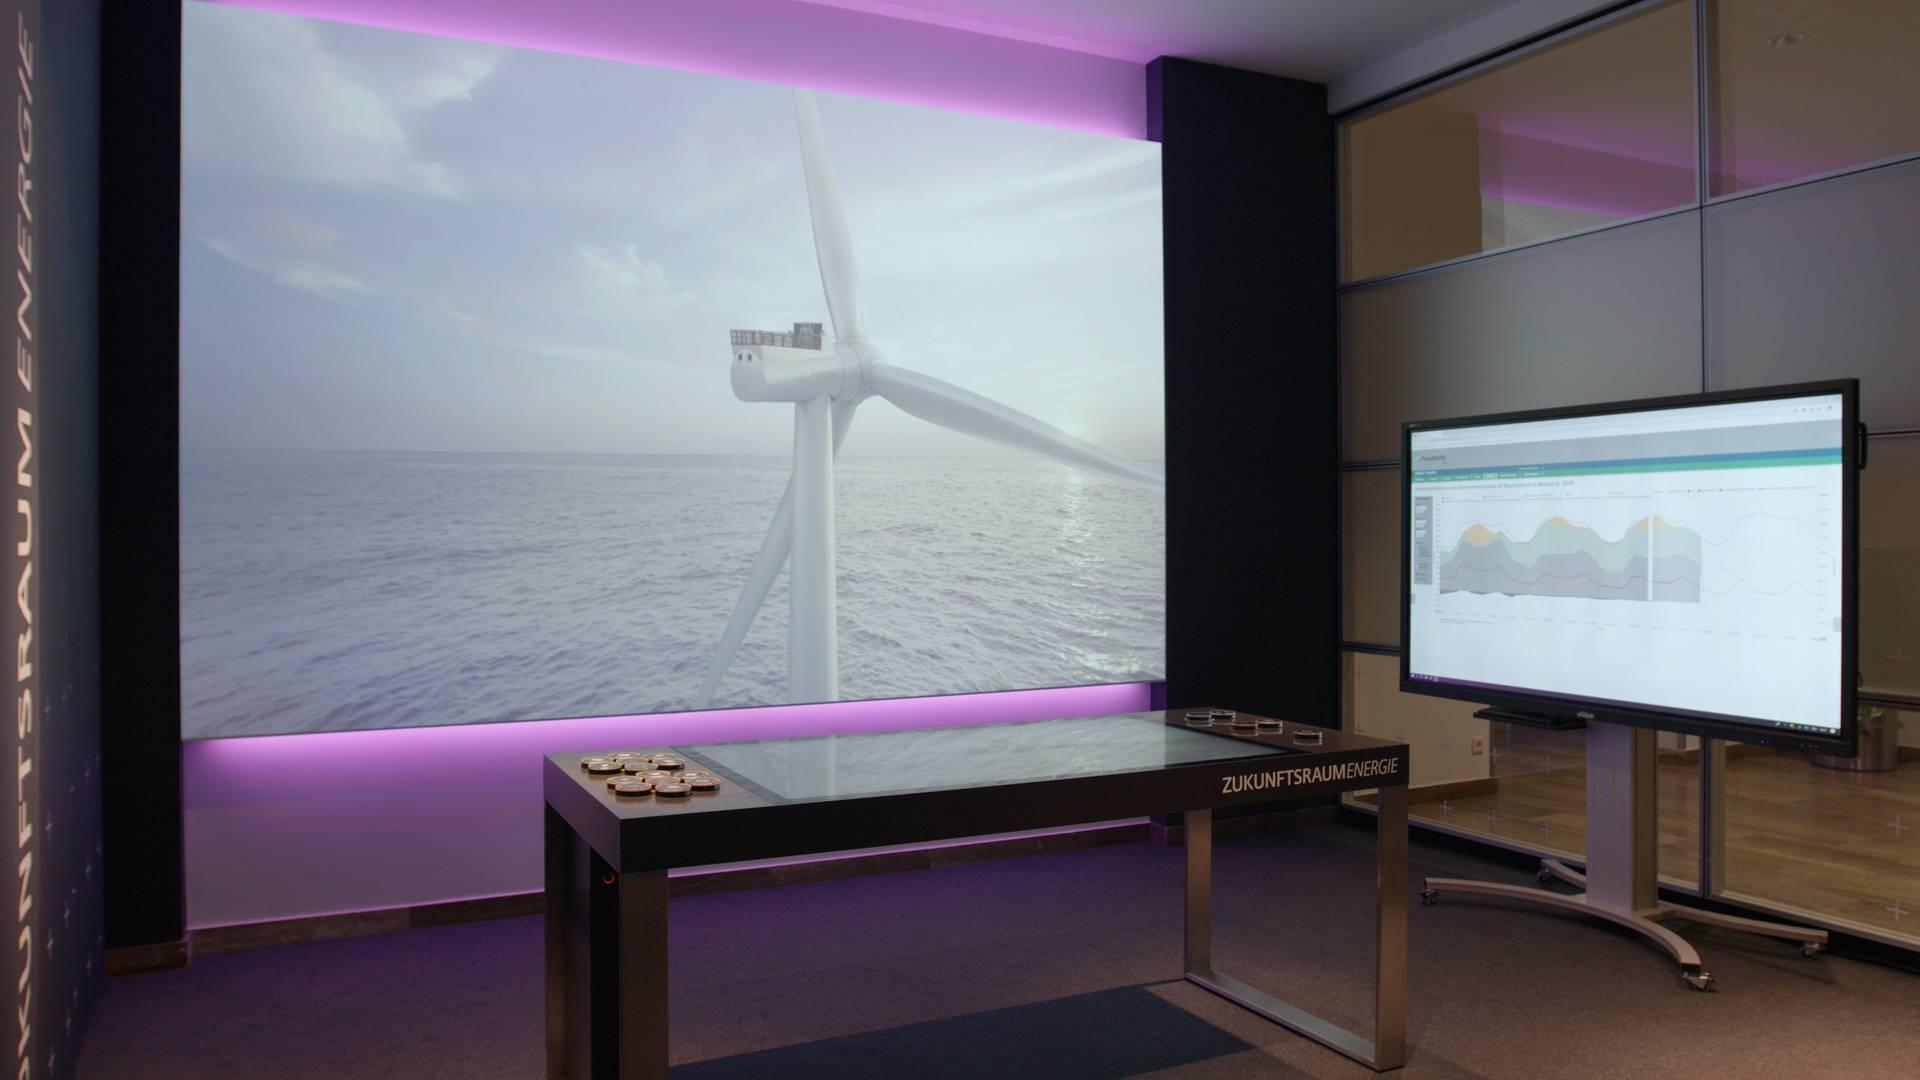 20200519 SiemensZukunftsraumEnergie Room design.00 01 41 16.Still004 1080